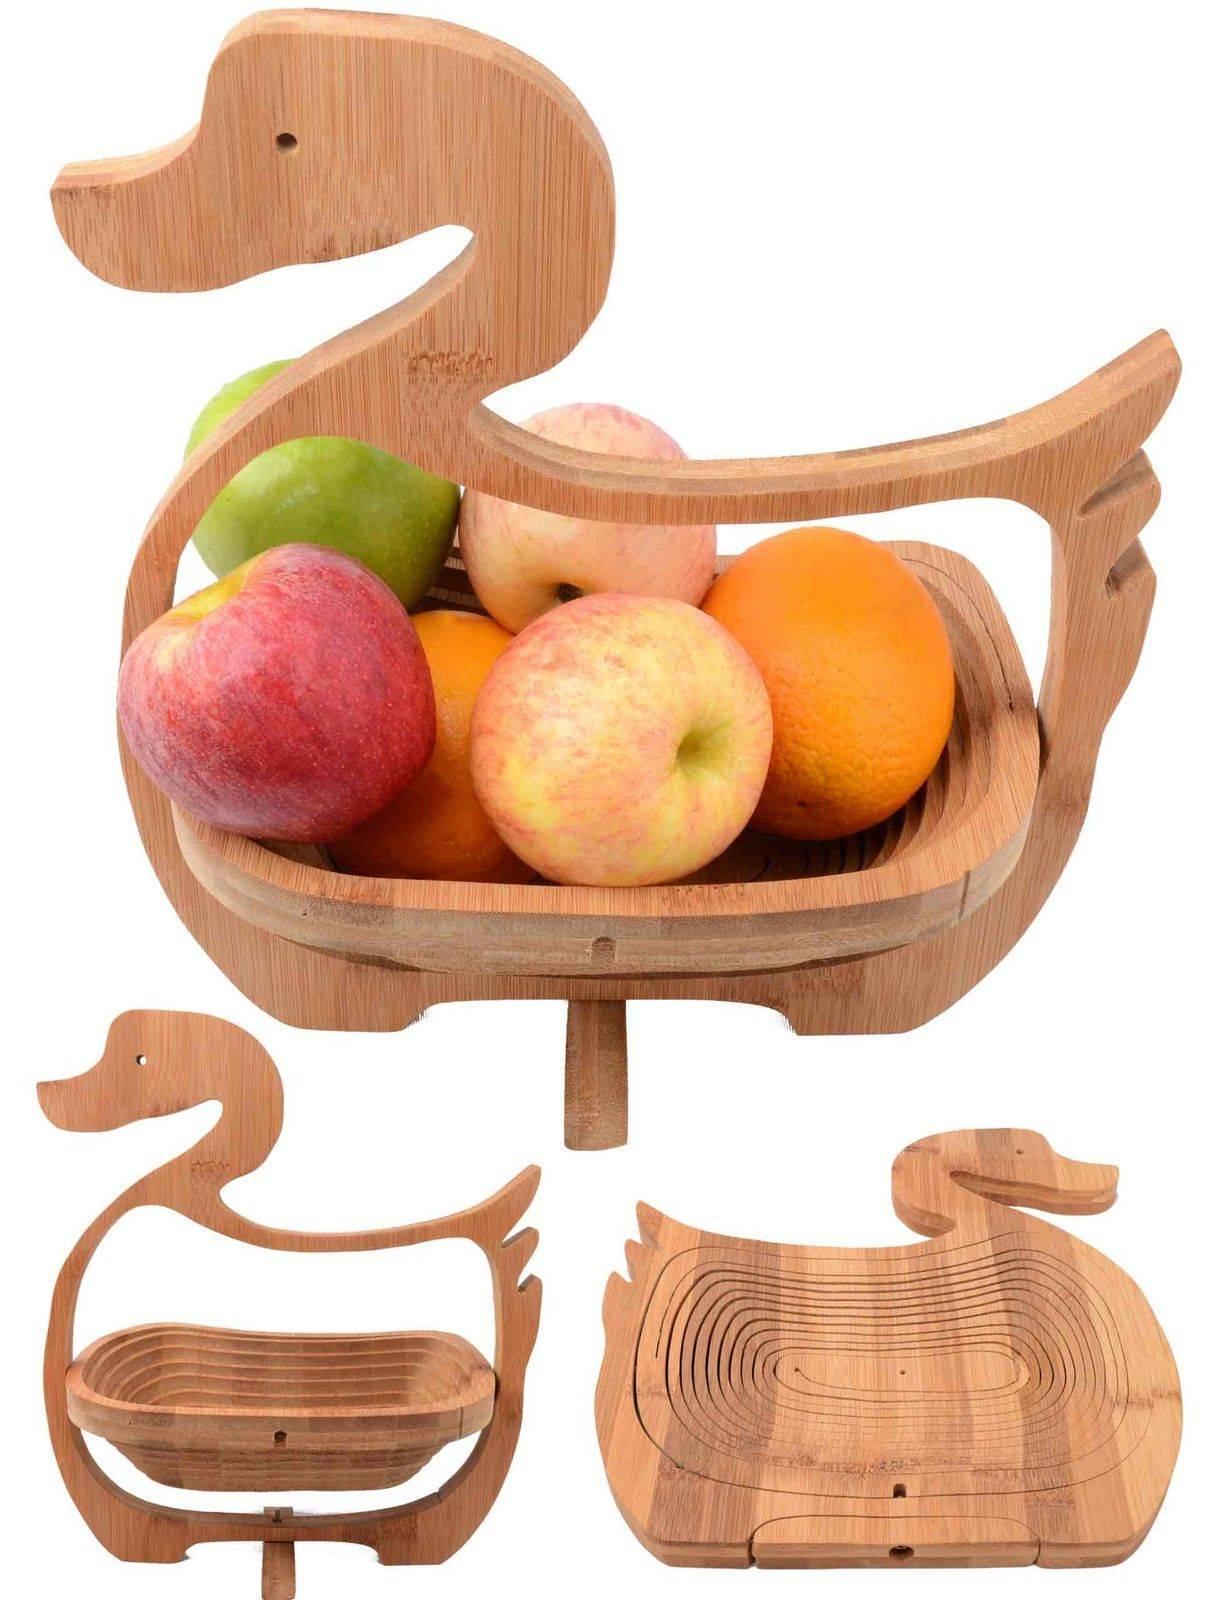 Chinese Gift Craft Duck Spiral Cut Bamboo Basket Wood Hanging Basket Collapsible Fruit Food Basket